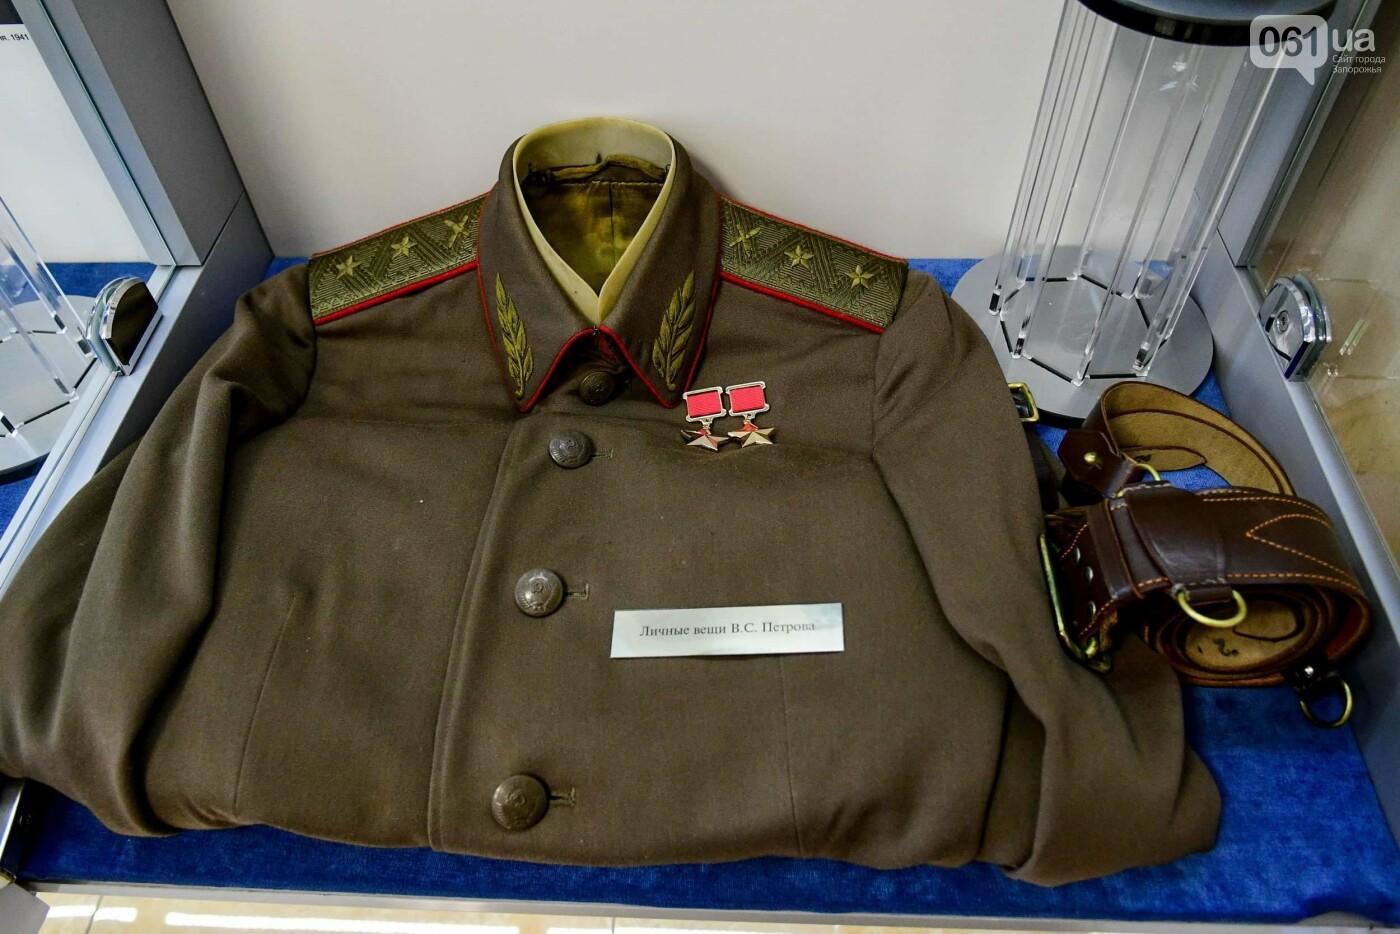 В запорожском музее появился уникальный экспонат - форма легендарного офицера, который воевал без рук, - ФОТО, фото-5